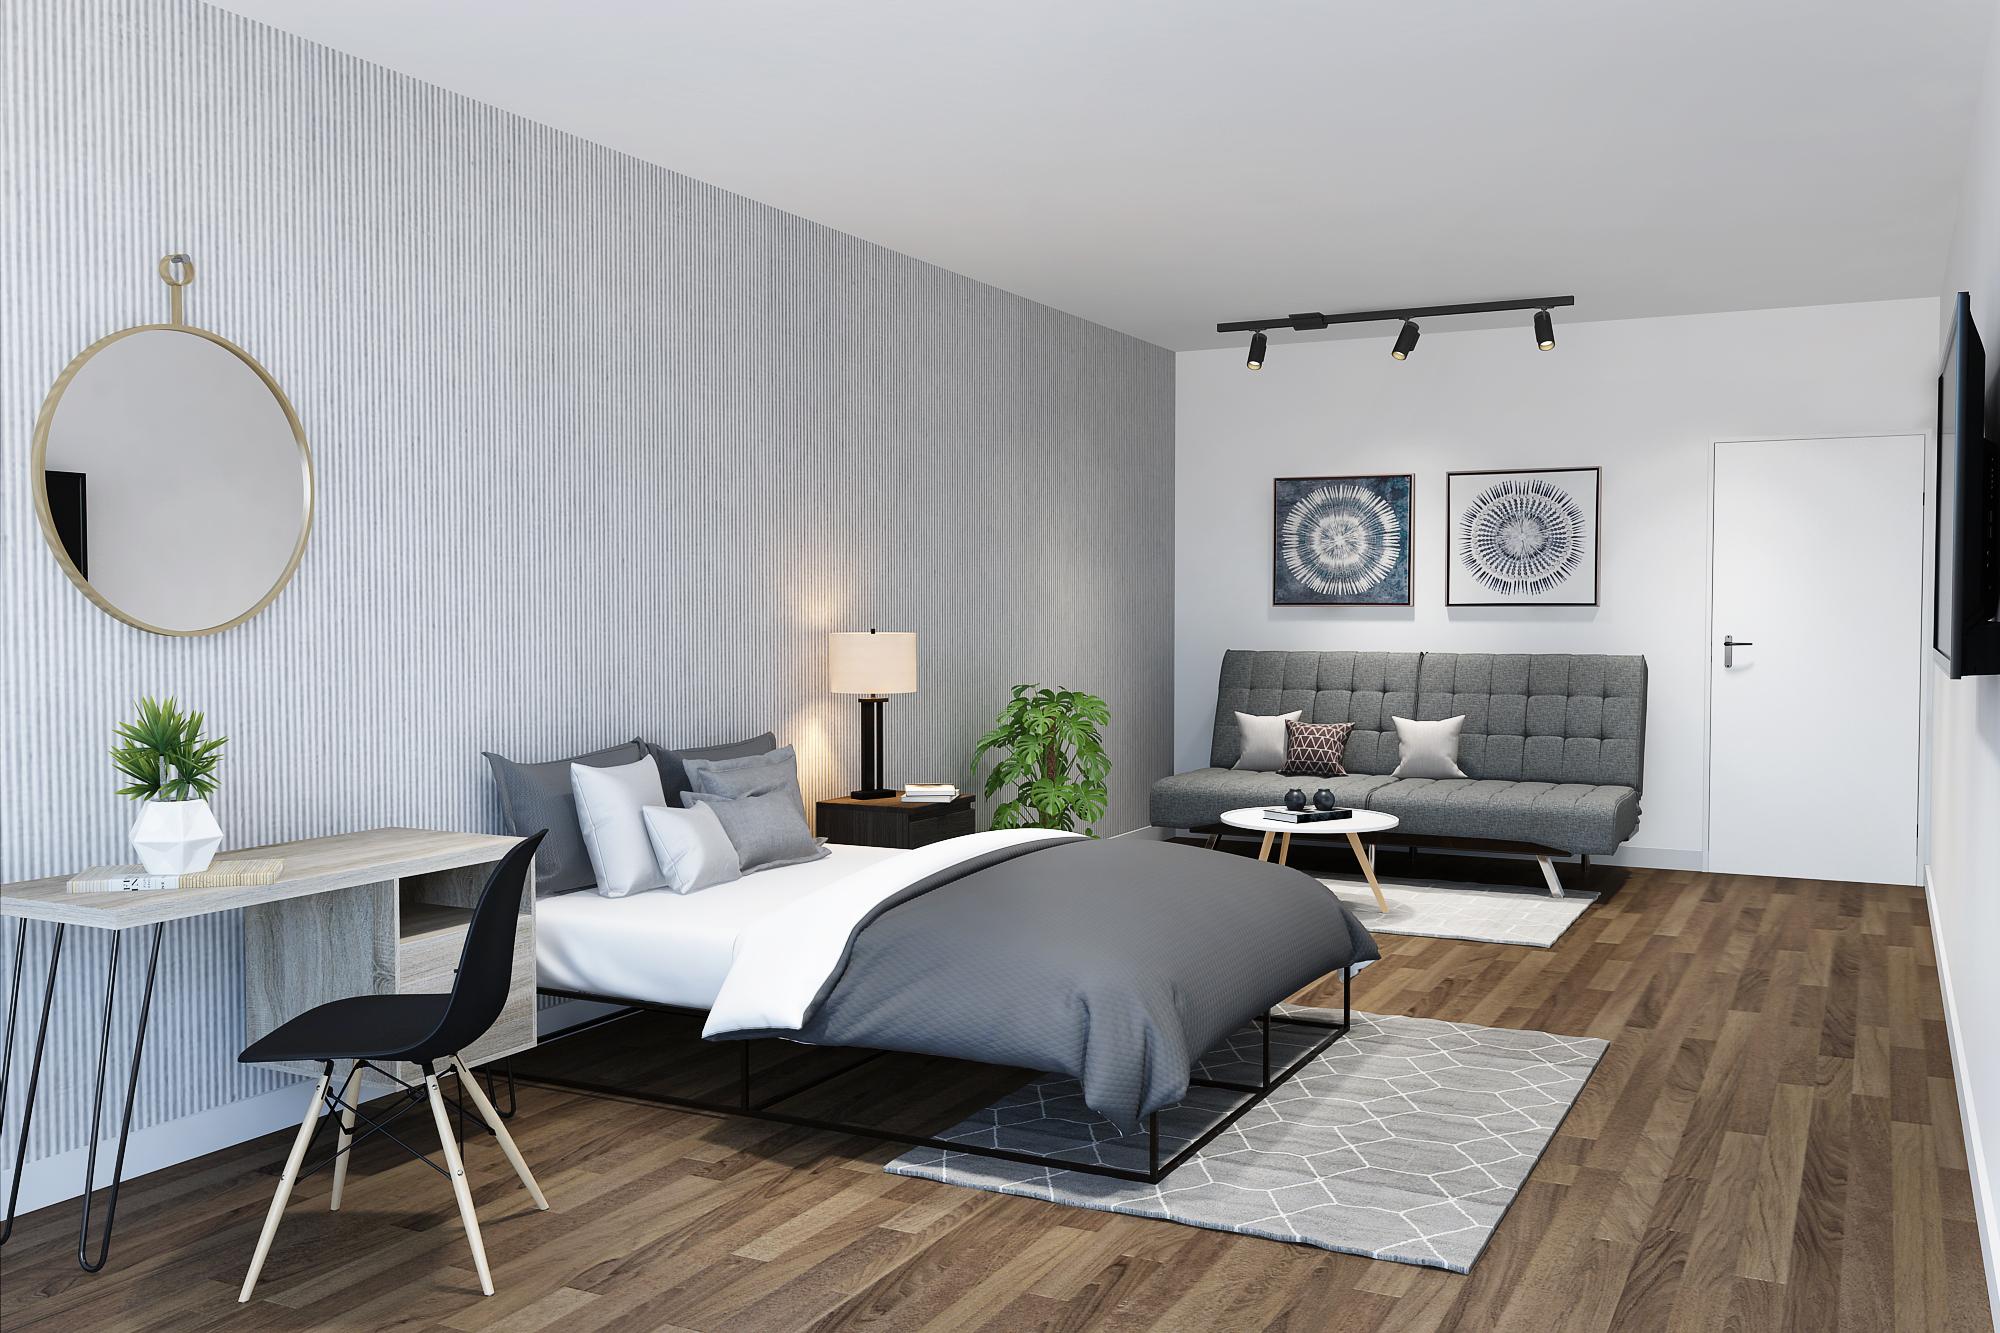 01_Studio 89 Bed Room.jpg